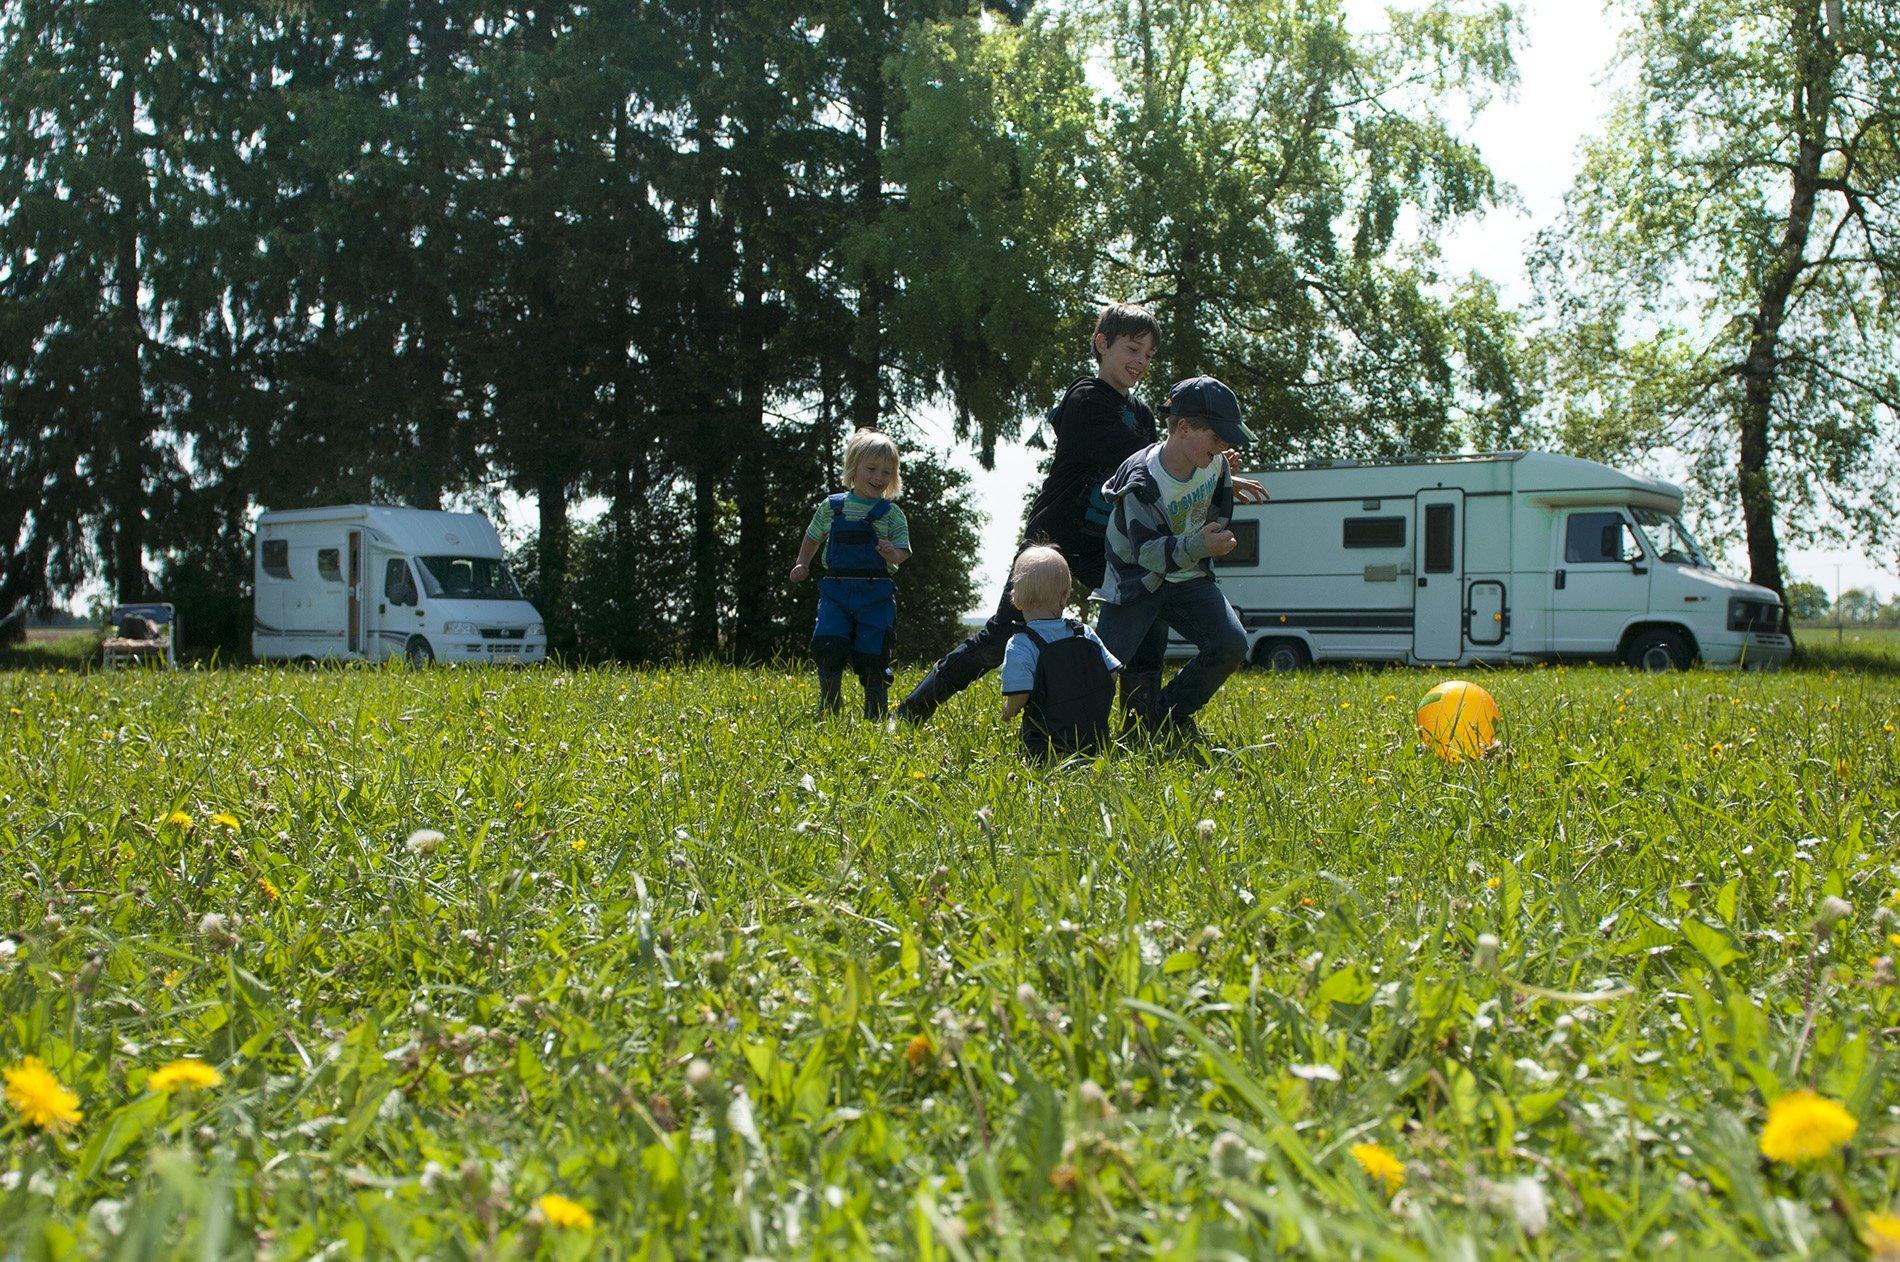 Vier Kinder spielen mit einem Ball auf einer Wiese im Sommer. Im Hintergrund stehen mehrere Wohnmobile unter Bäumen auf einer Wiese.